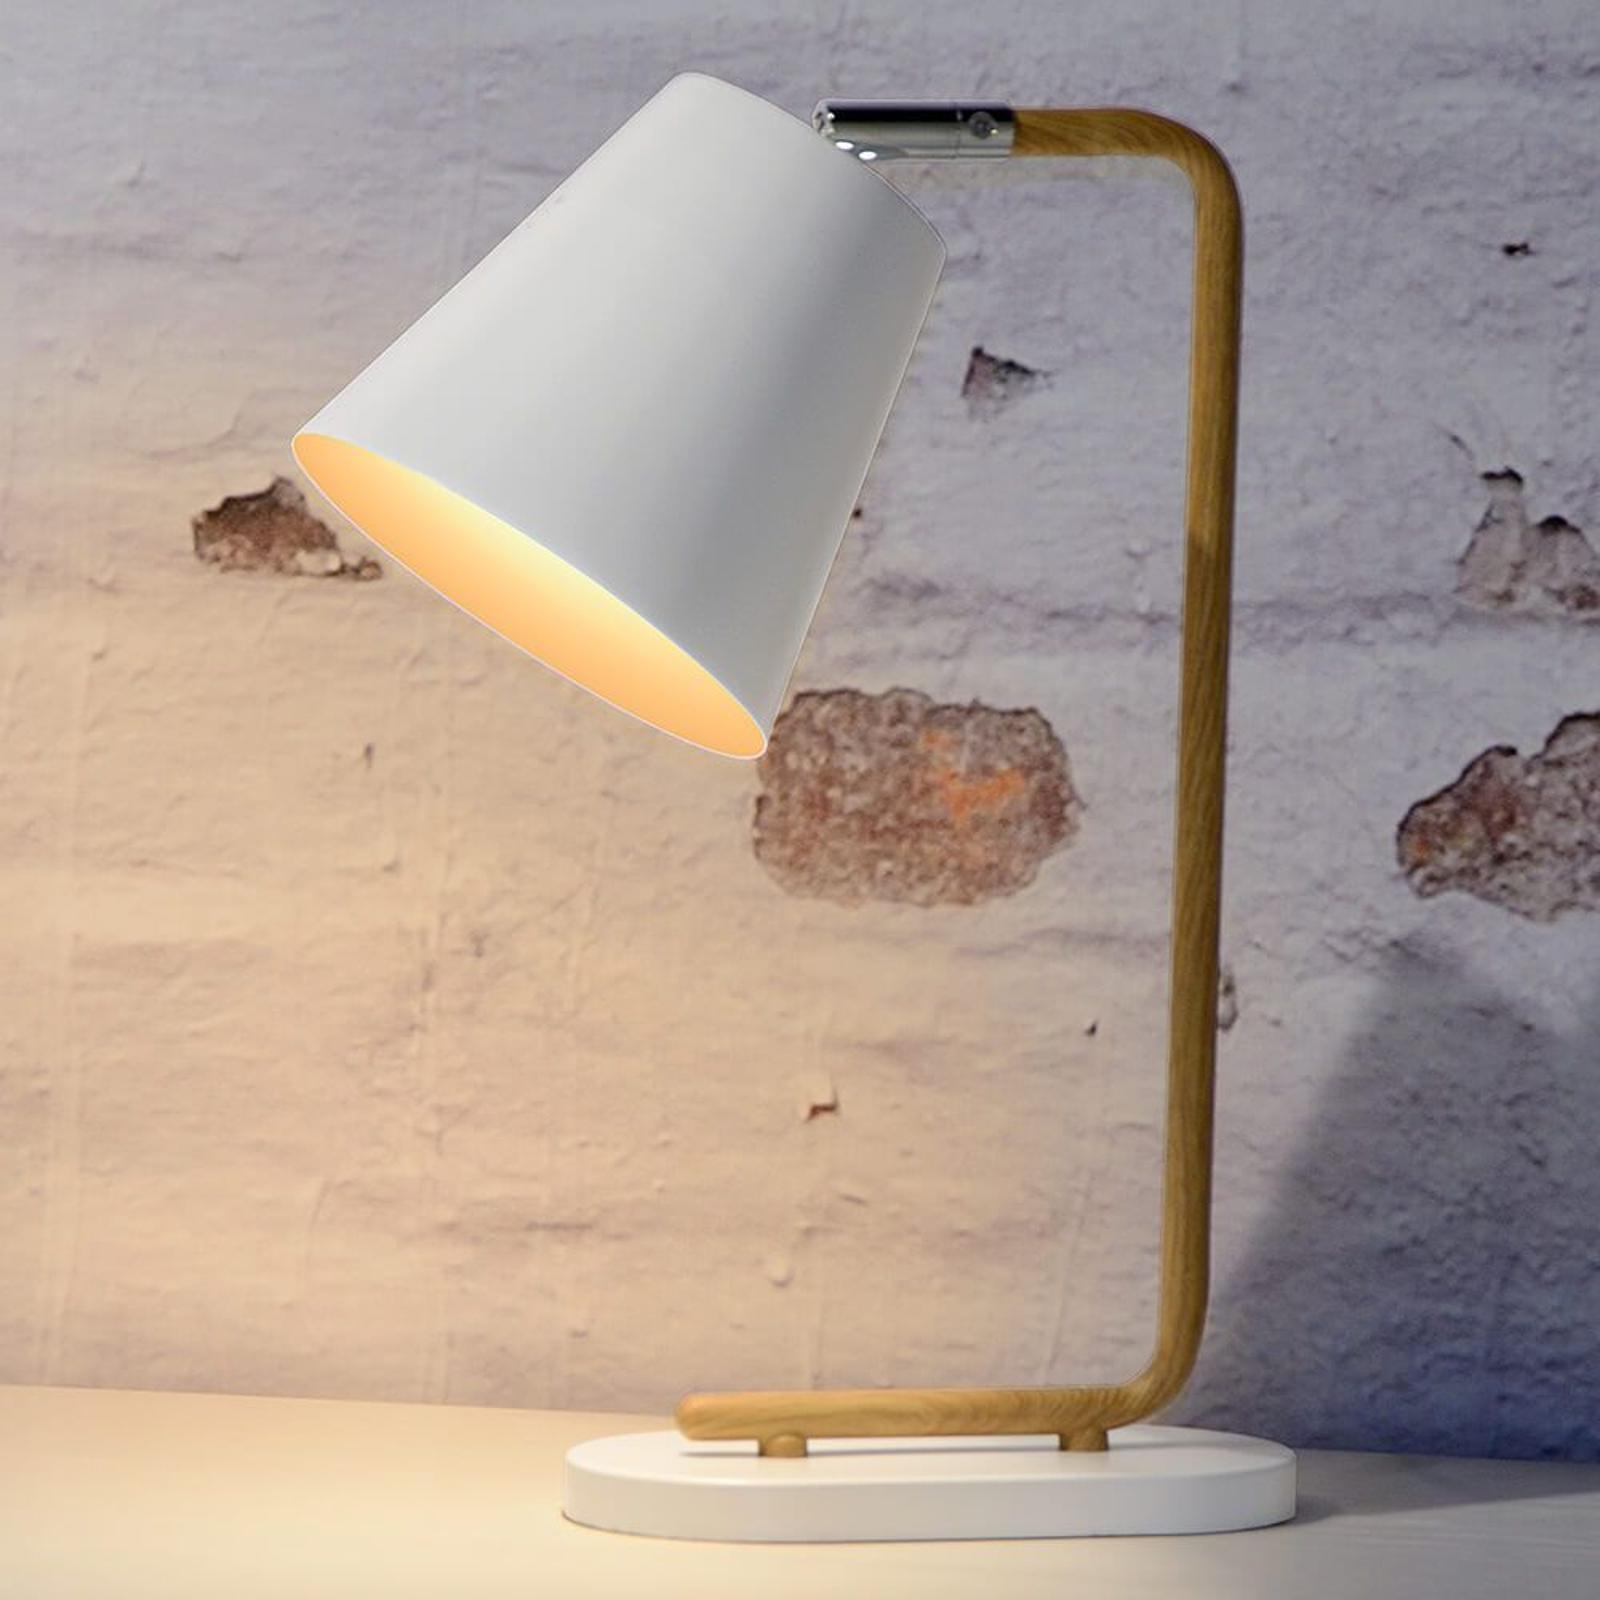 Cona - fafellamp met montuur in houtoptiek